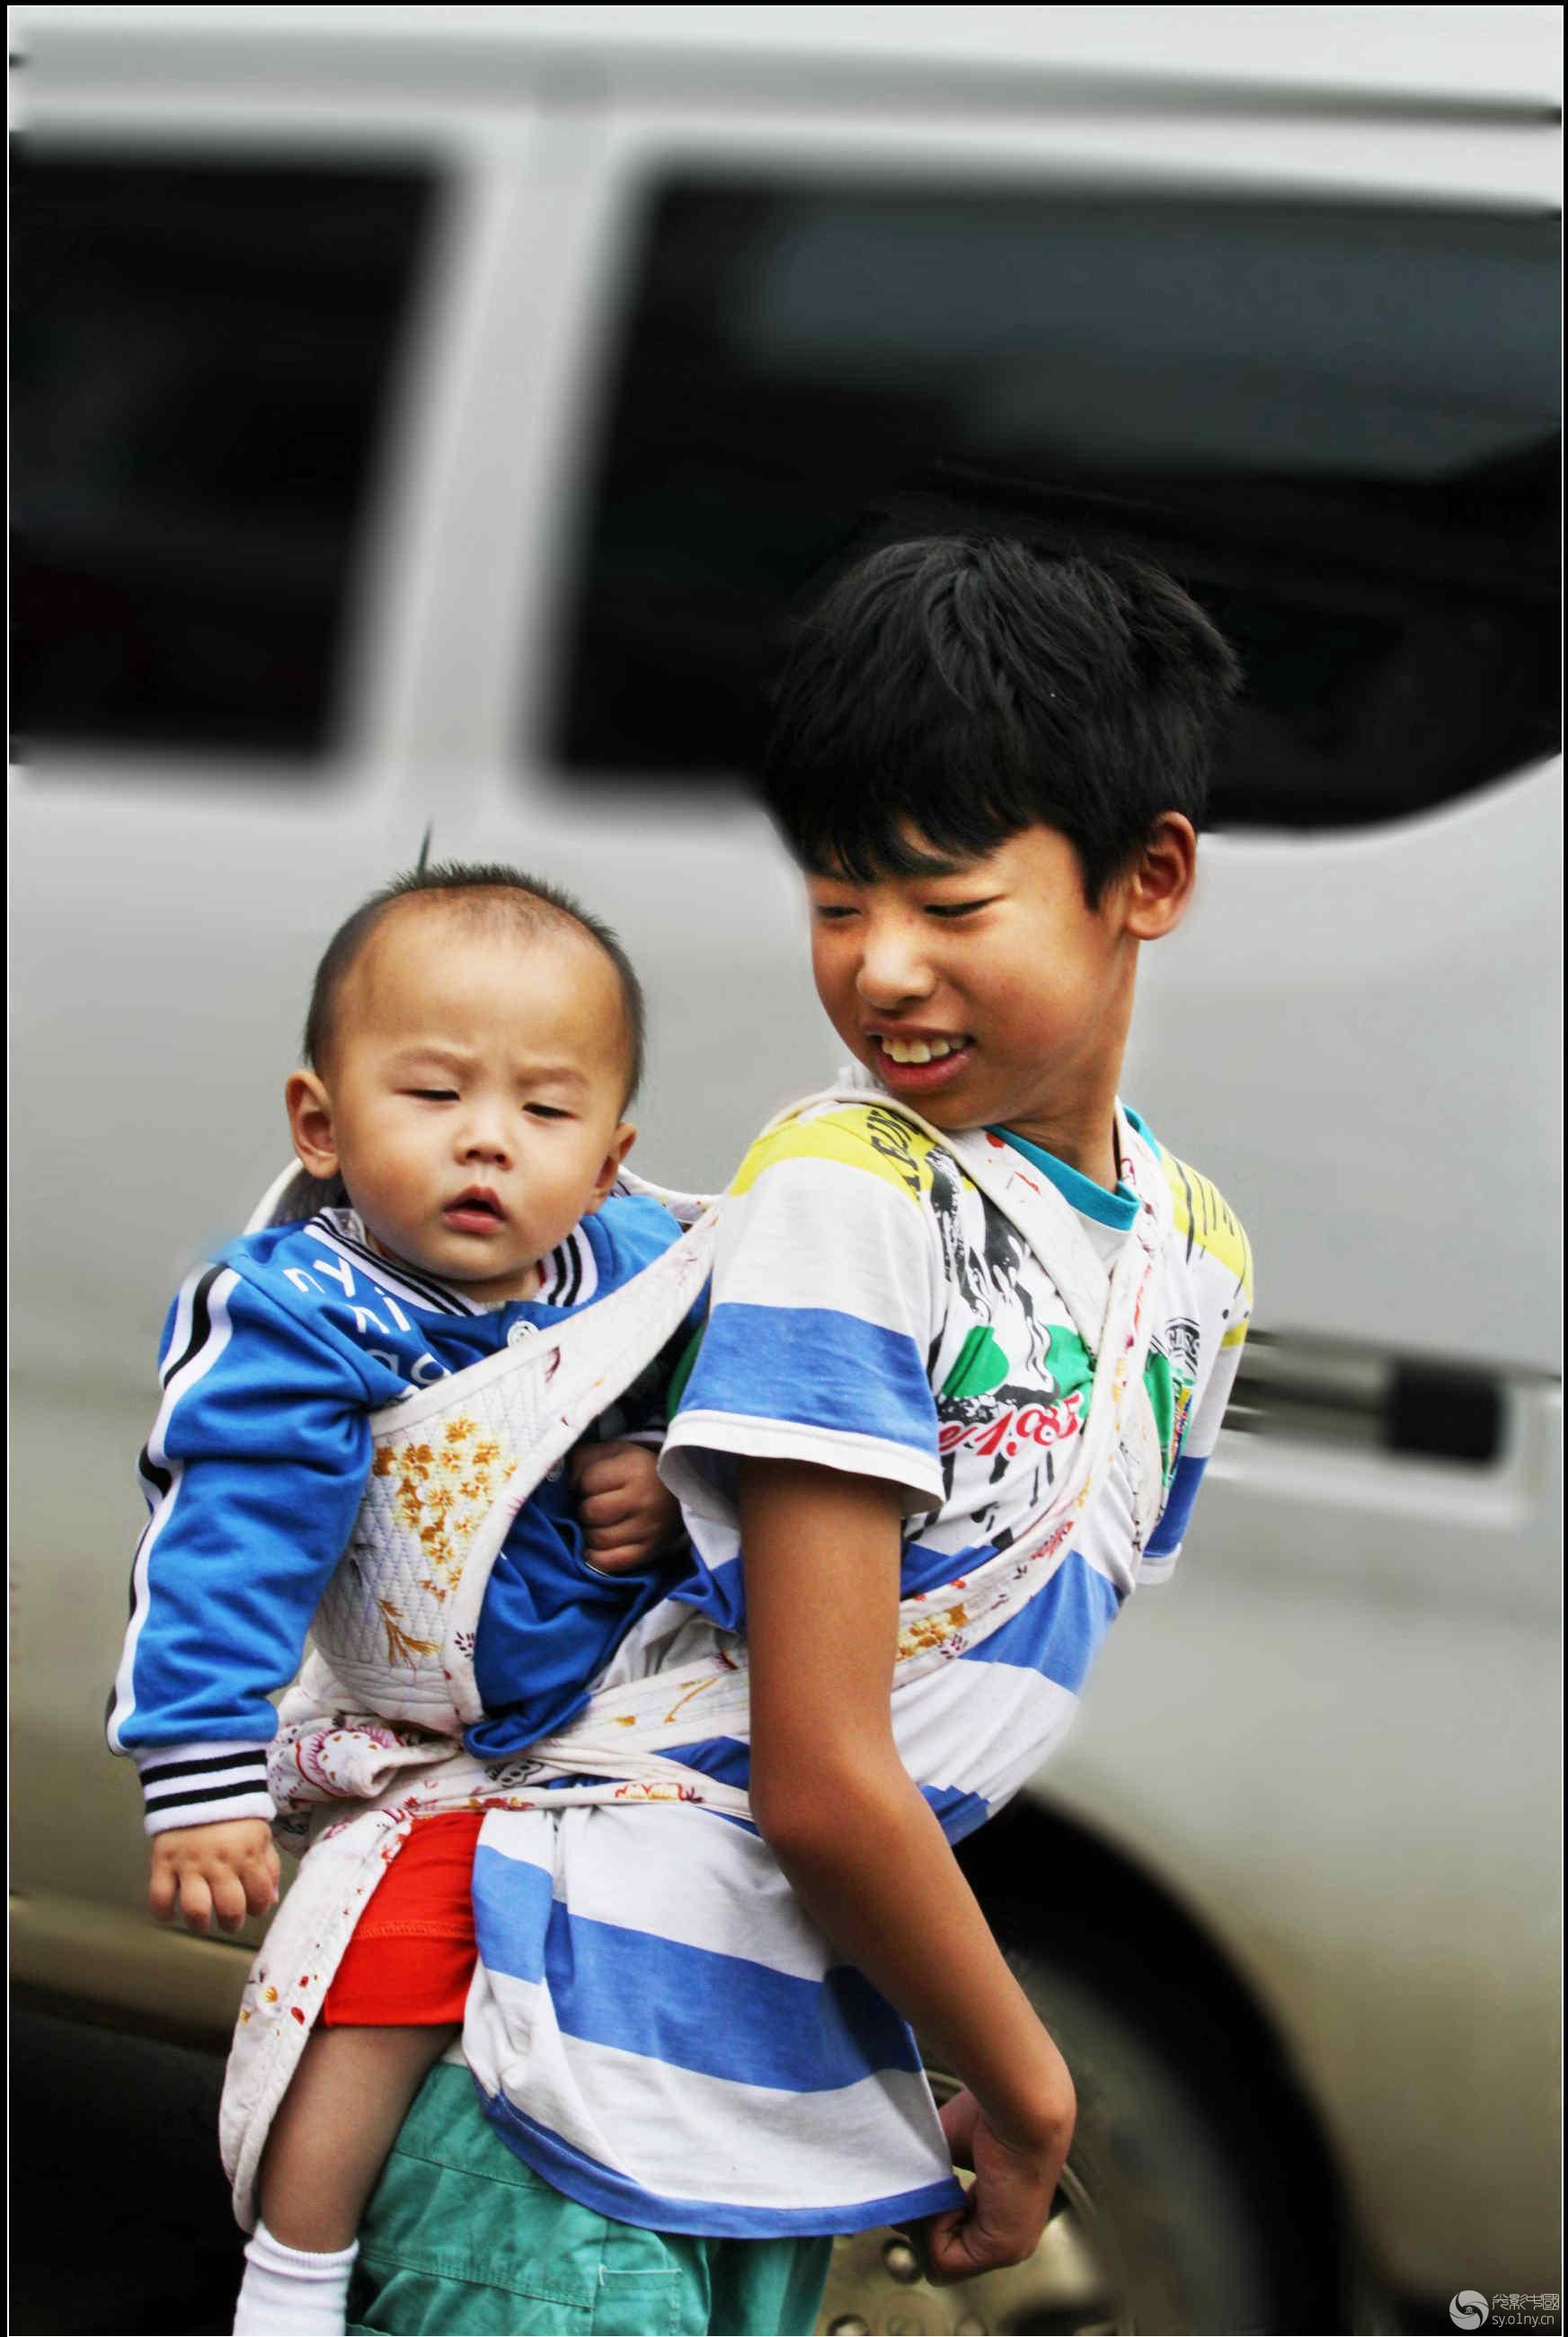 允许生两胎后,不少家庭有了两个小孩,图为我爱我的弟弟